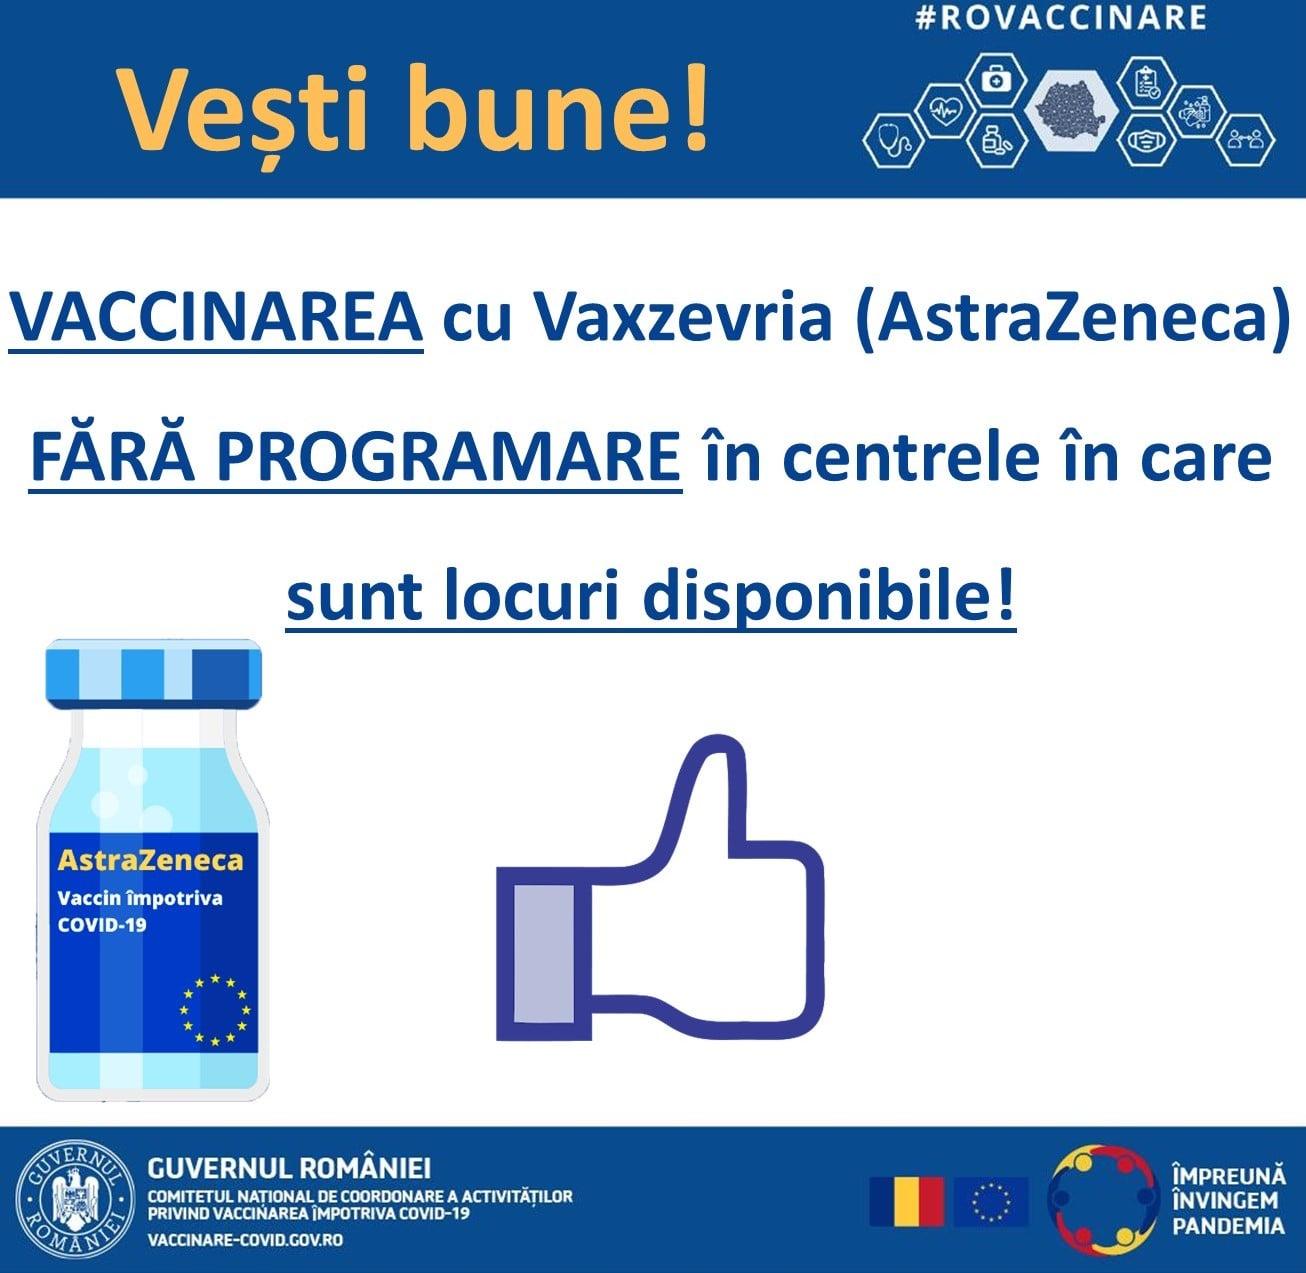 Vaccinarea cu AstraZeneca, lăsată la liber. Oricine se poate prezenta la centru, fără programare, cu o condiție